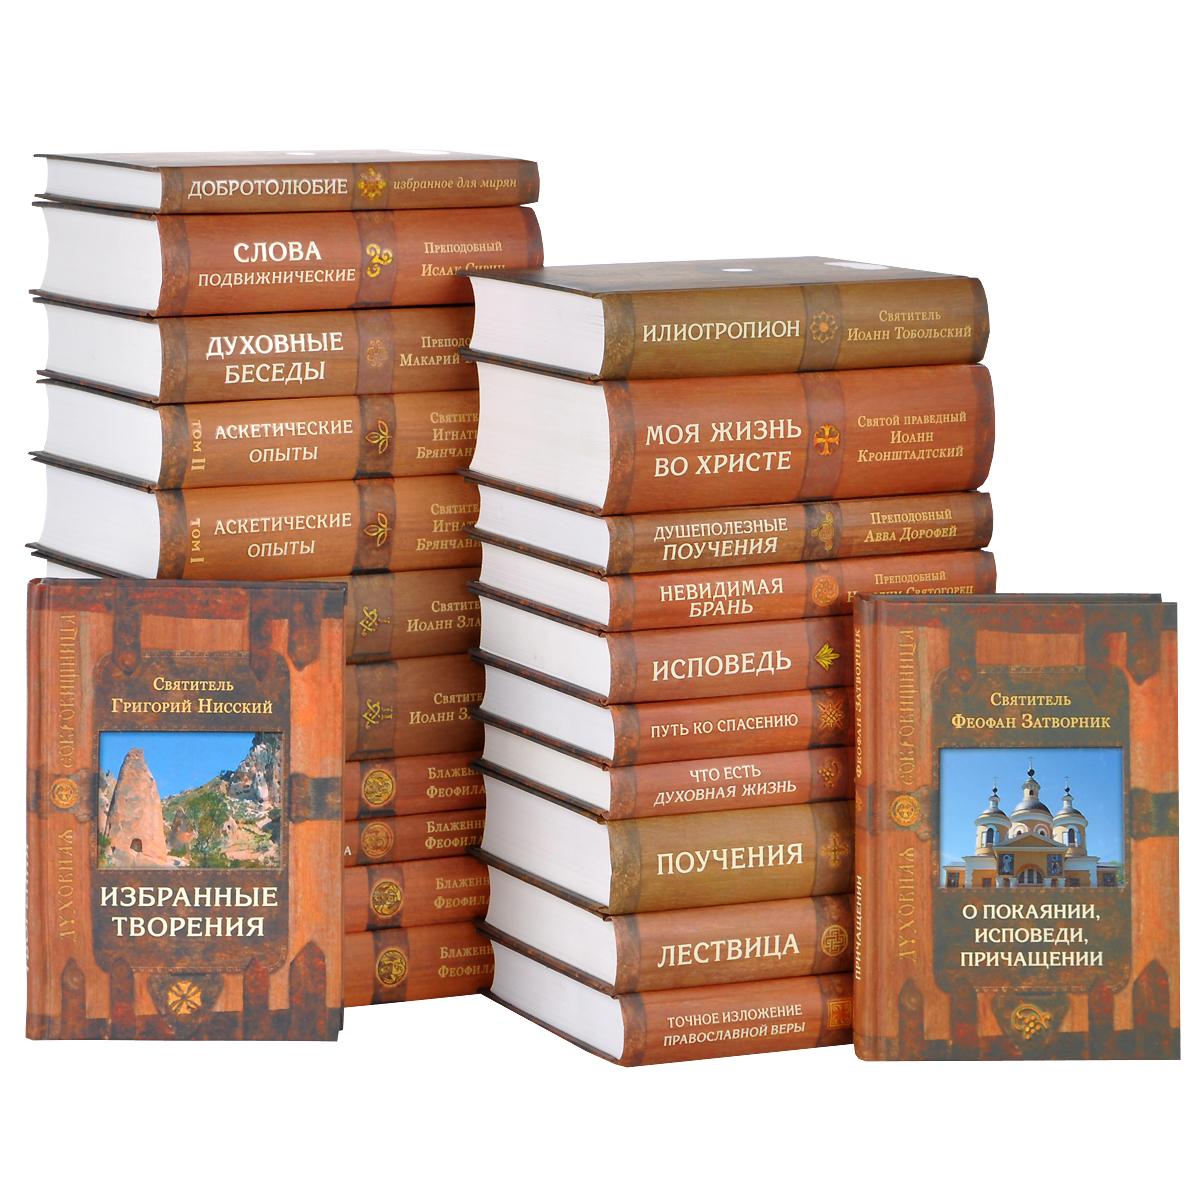 'Духовная сокровищница' (23 книги)